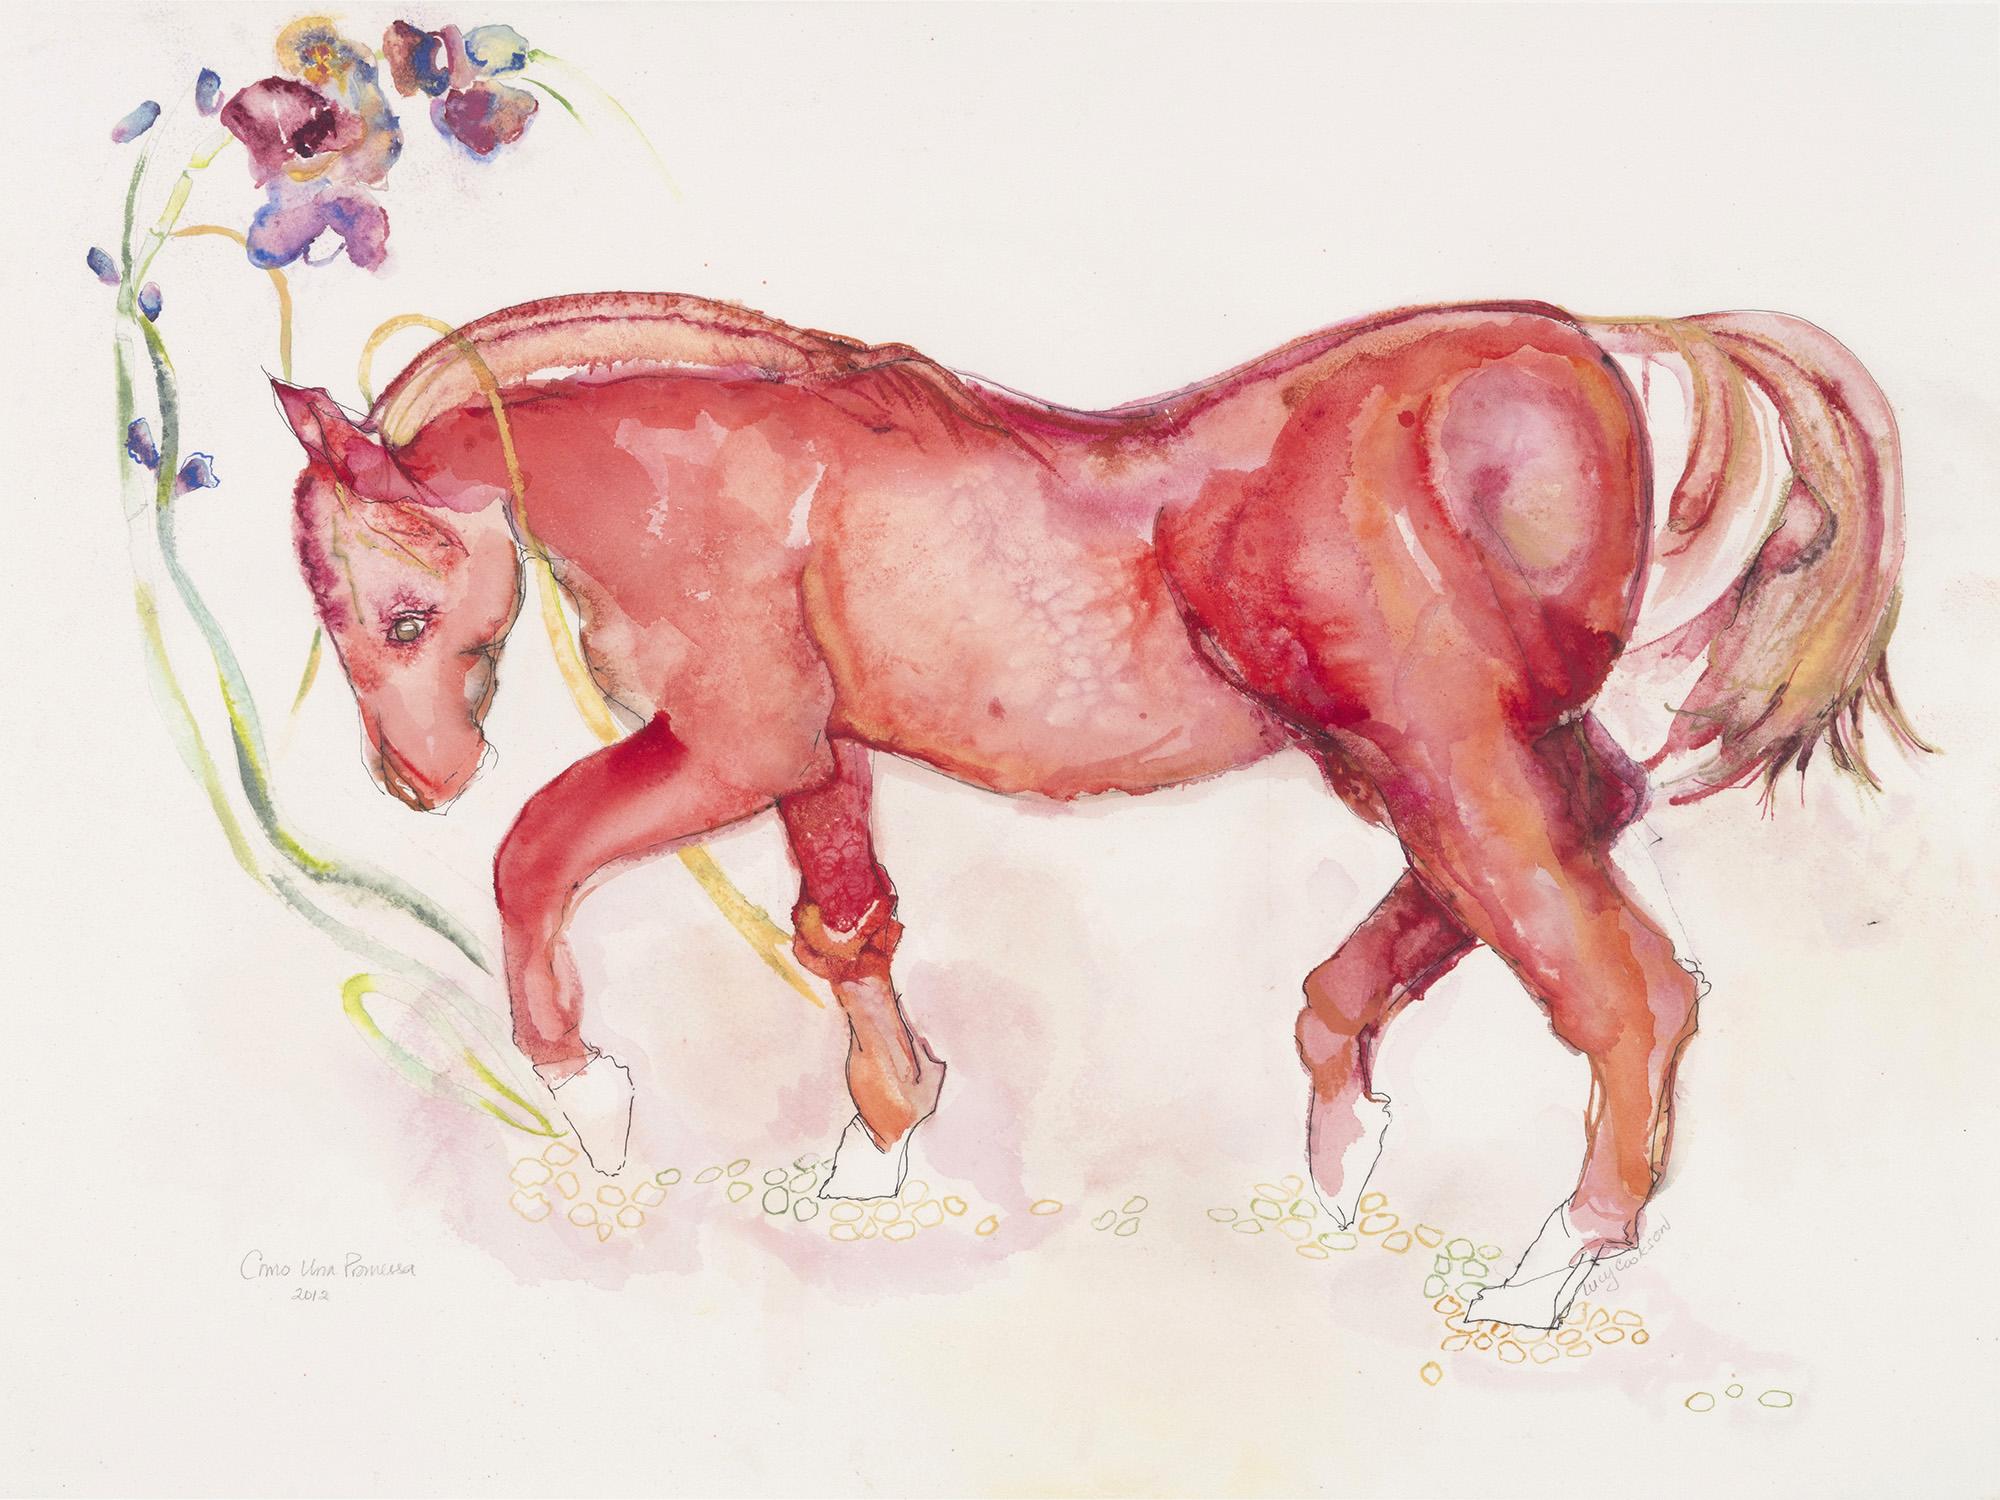 Red Horse (Como una Promessa), 2012, Watercolor on paper, 26 x 32 in.